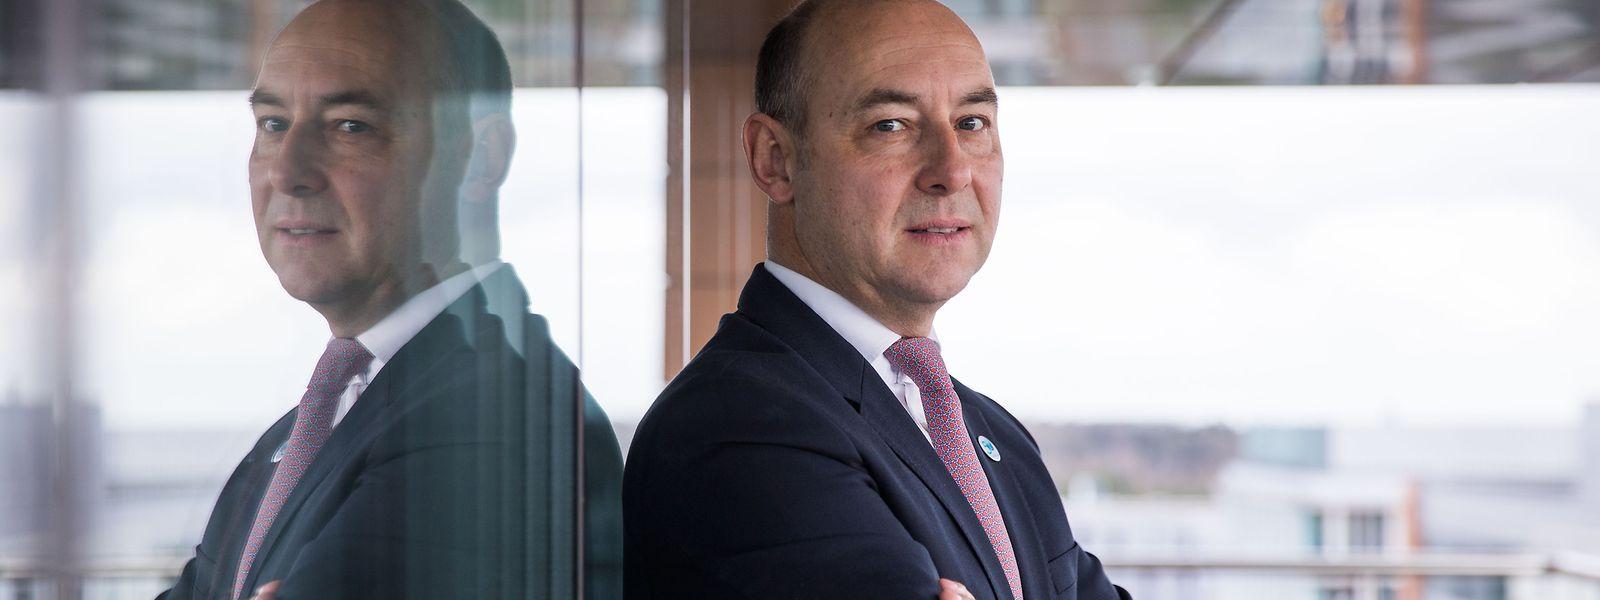 Philippe Seyll, Chef von Clearstream seit 2018, sieht Fintech als einen zentralen Baustein für die Zukunft des Unternehmens. Der Finanzdienstleister investiert deshalb massiv in diesen Bereich.